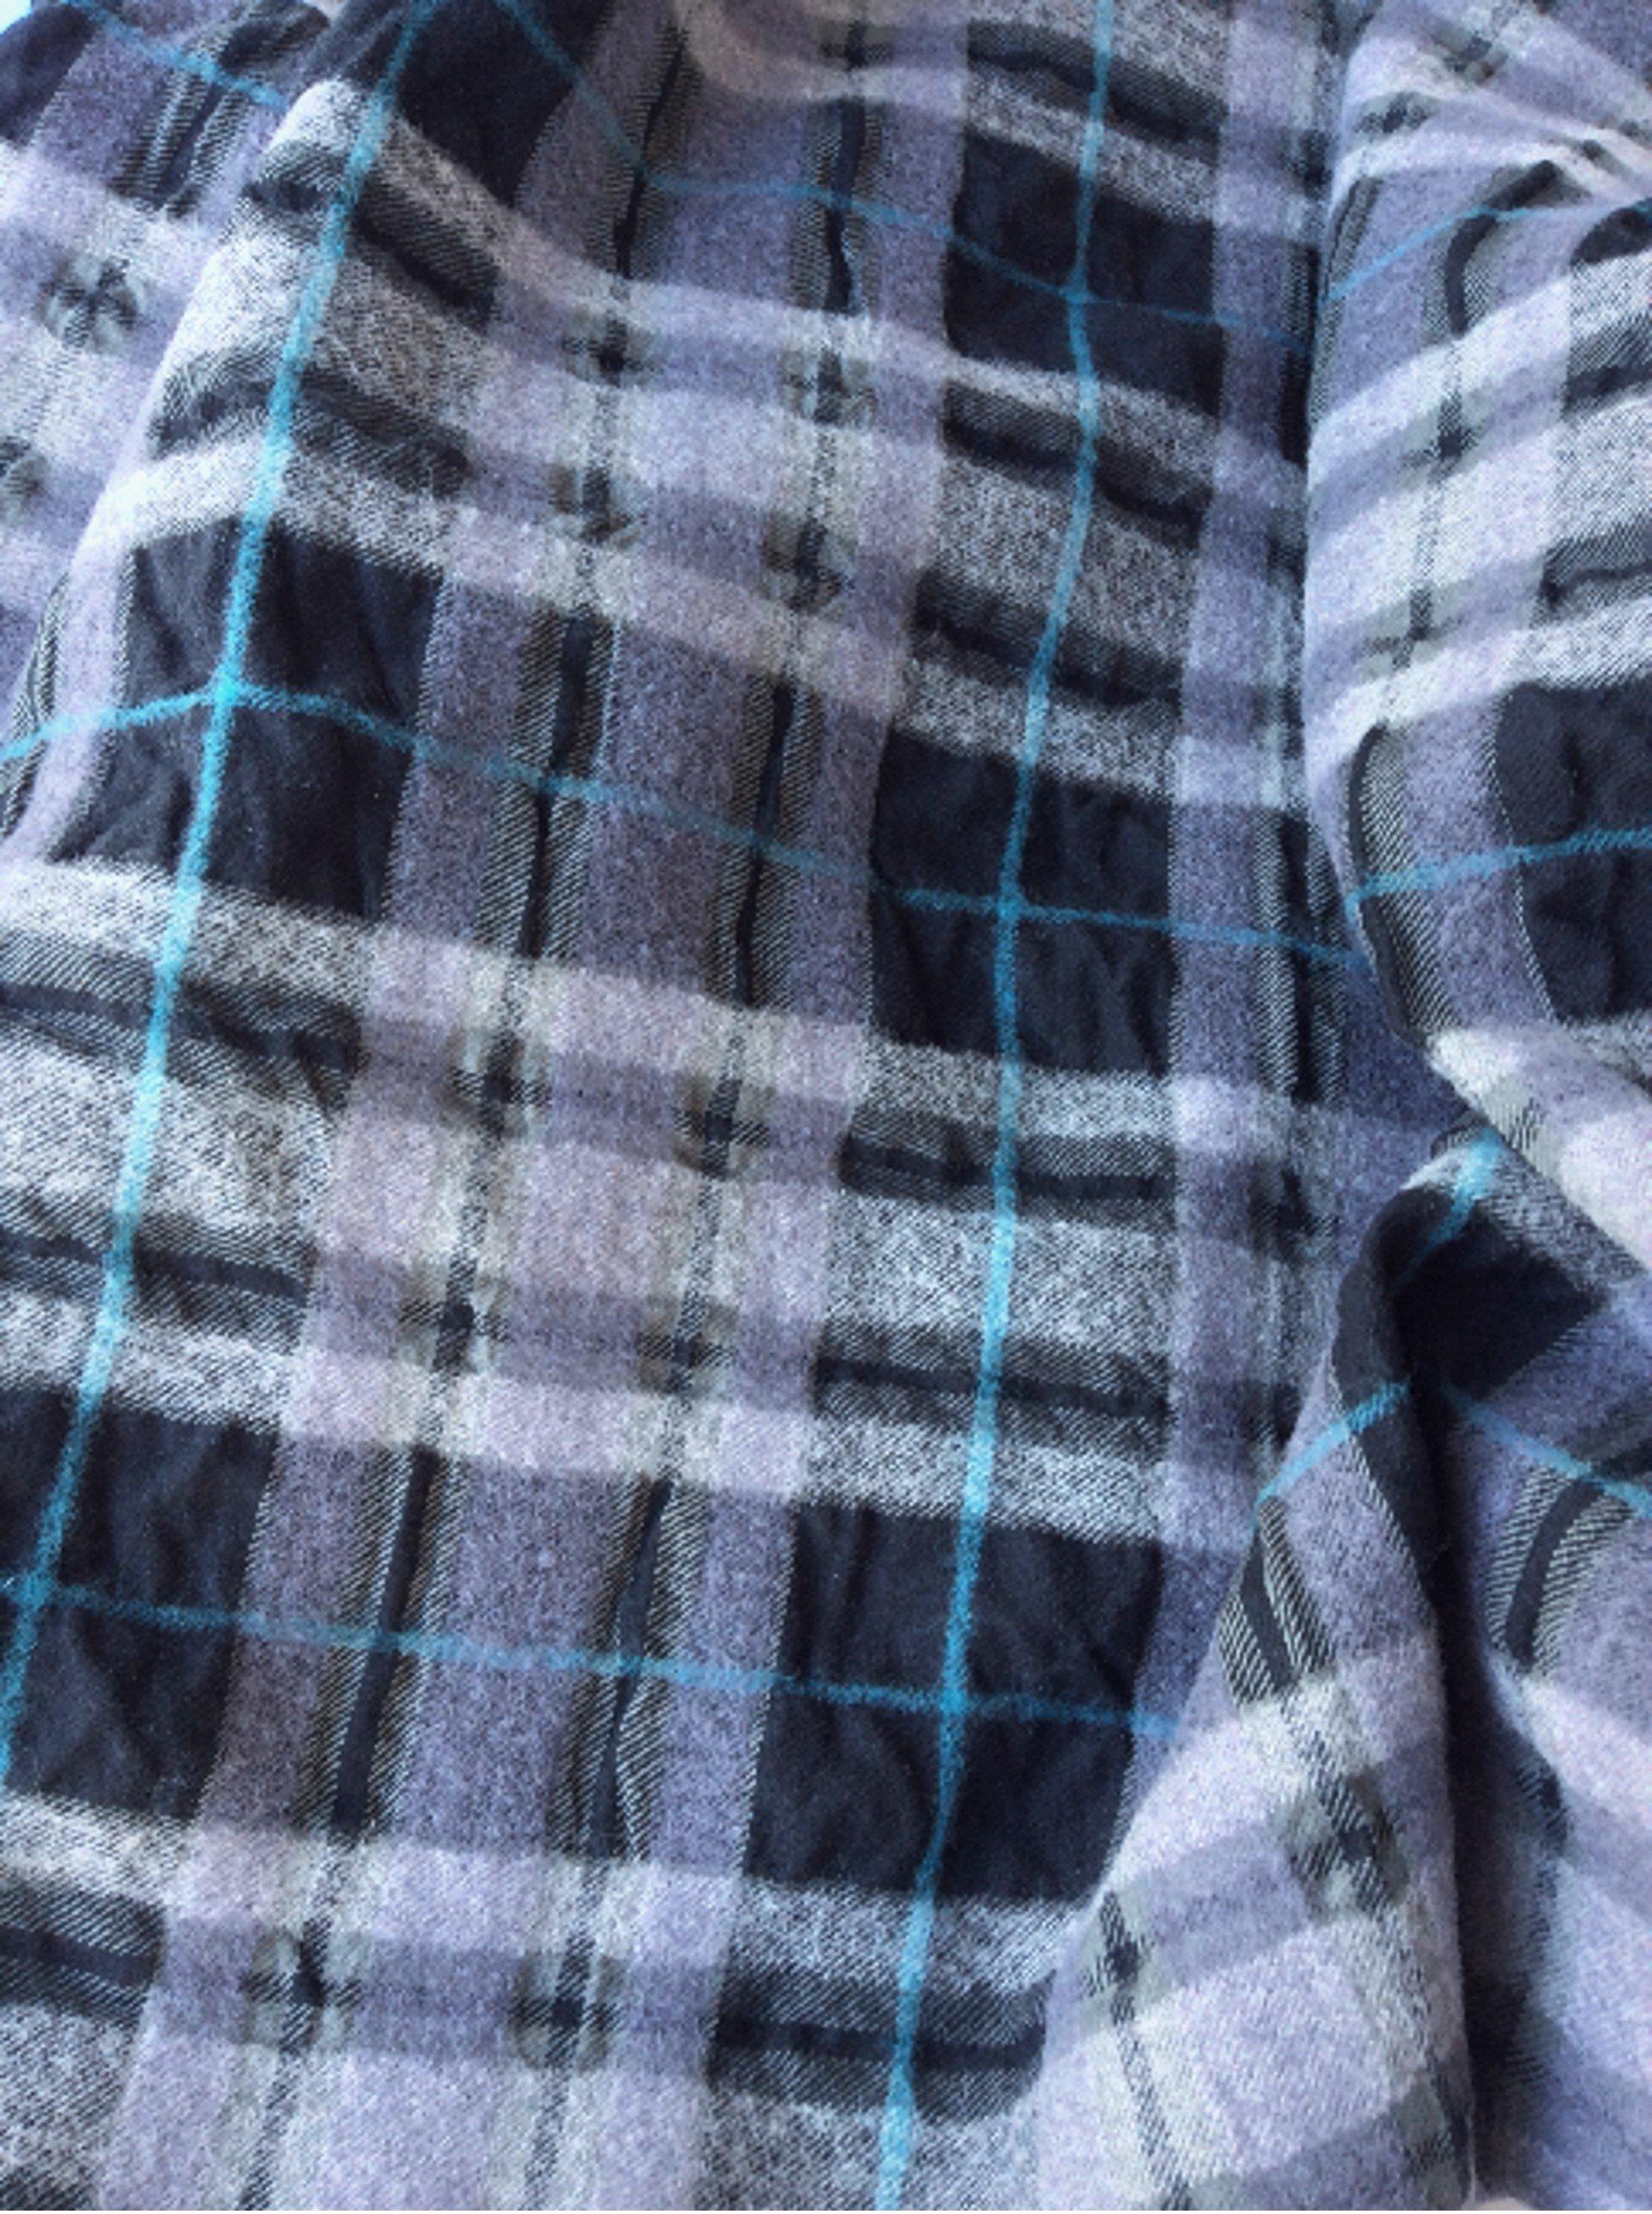 Tissu ecossais noir gris turquoise cloqué